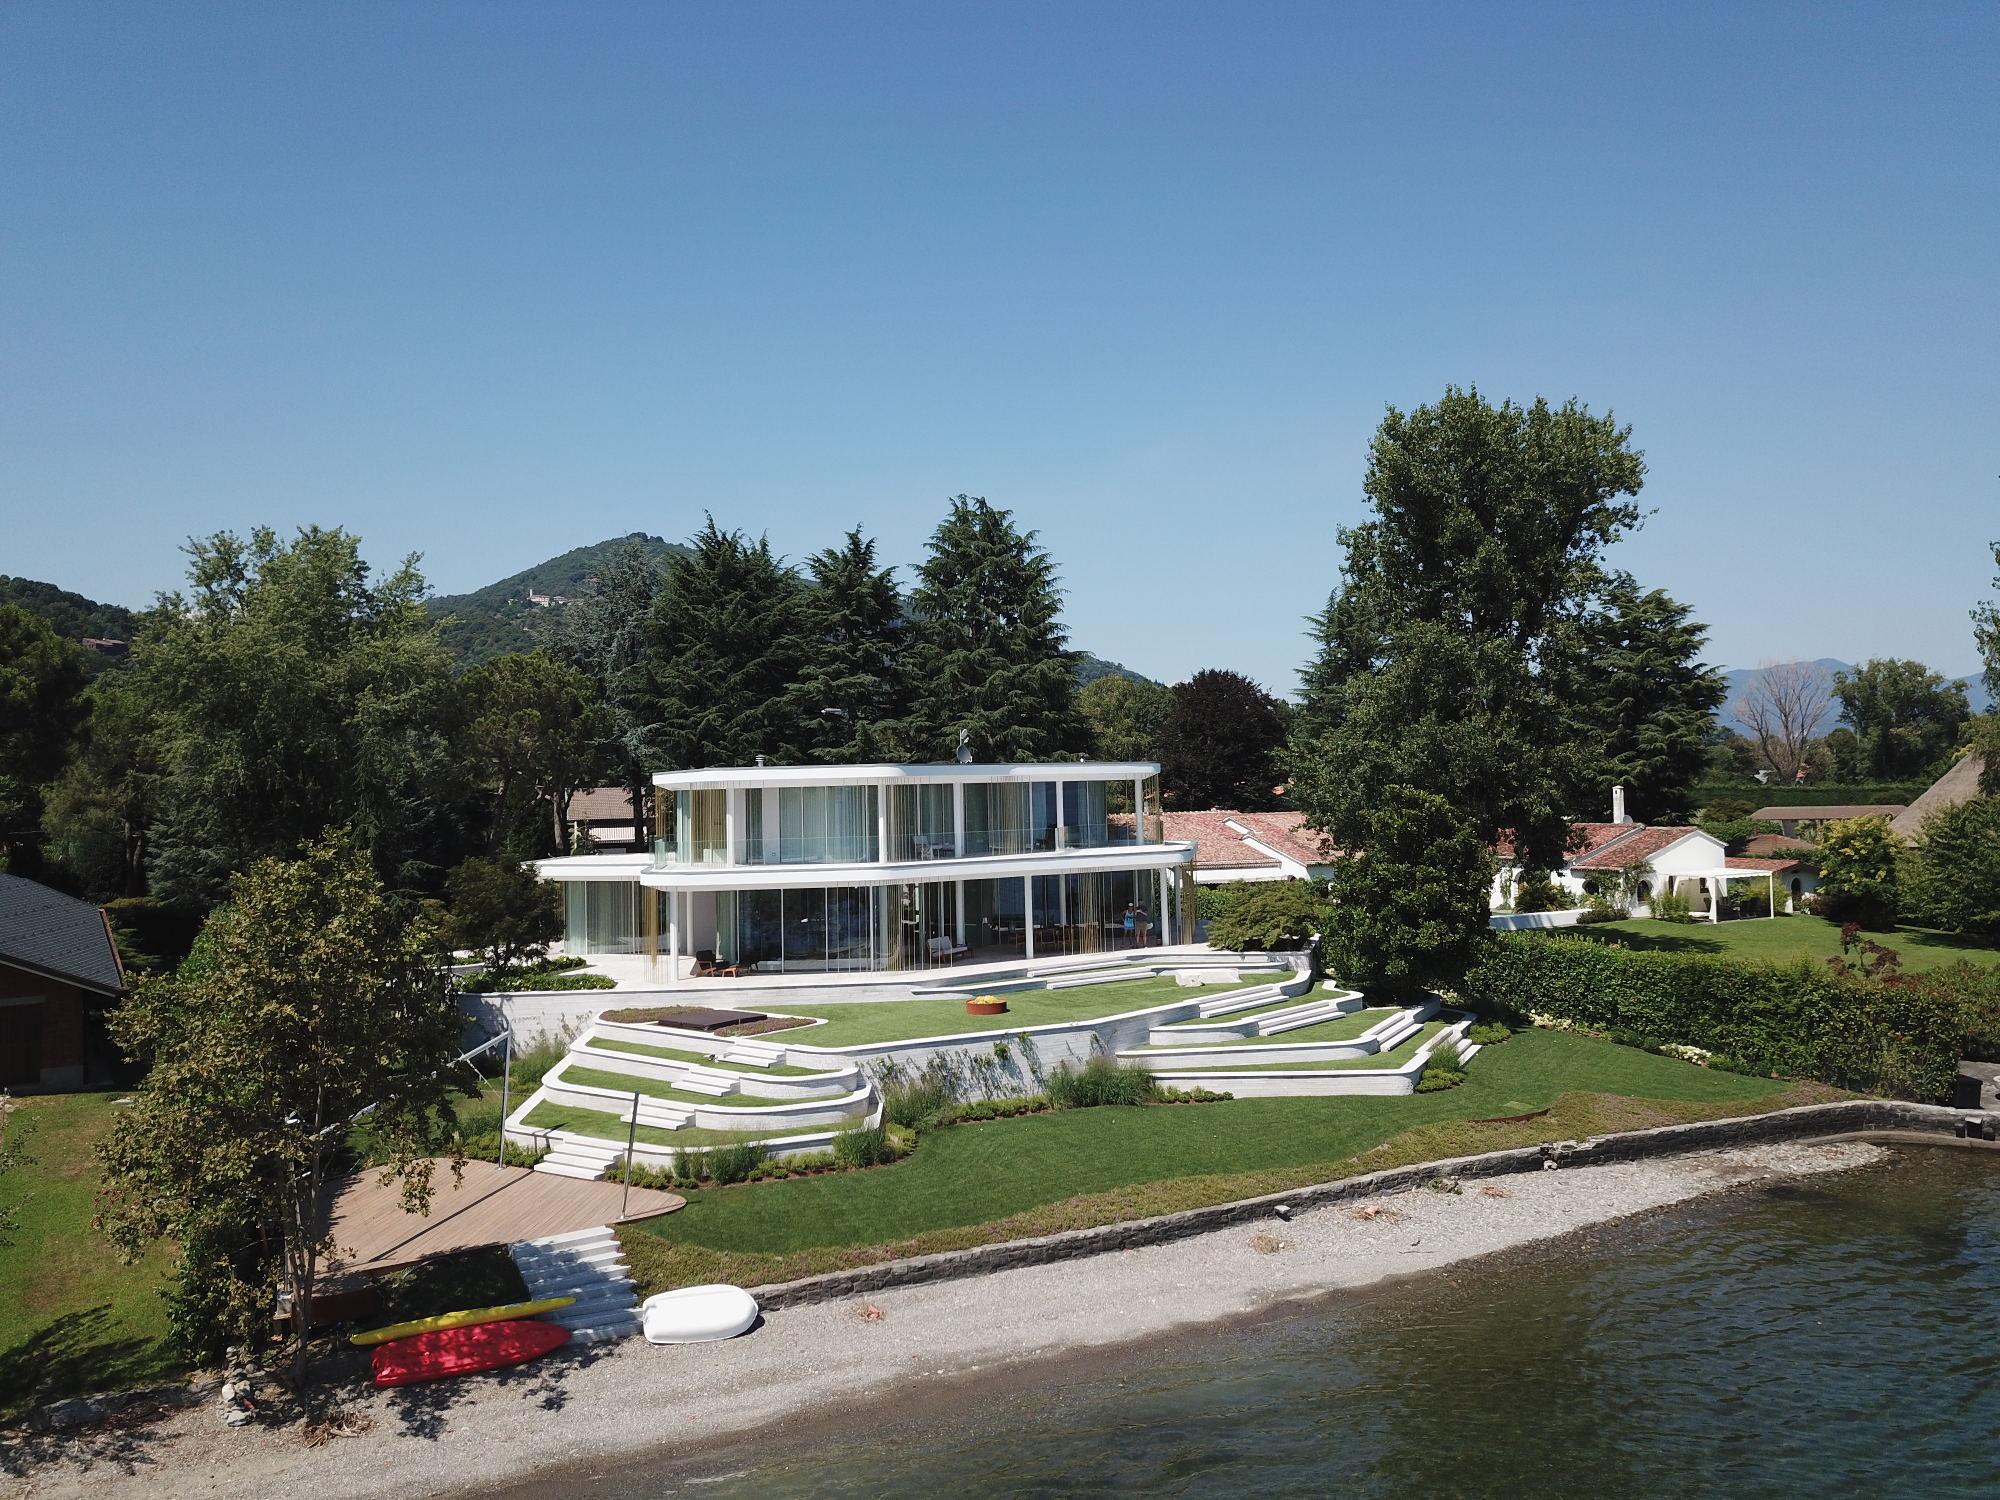 0718_RobertoManzetti-Architetto-NeuHouse-1